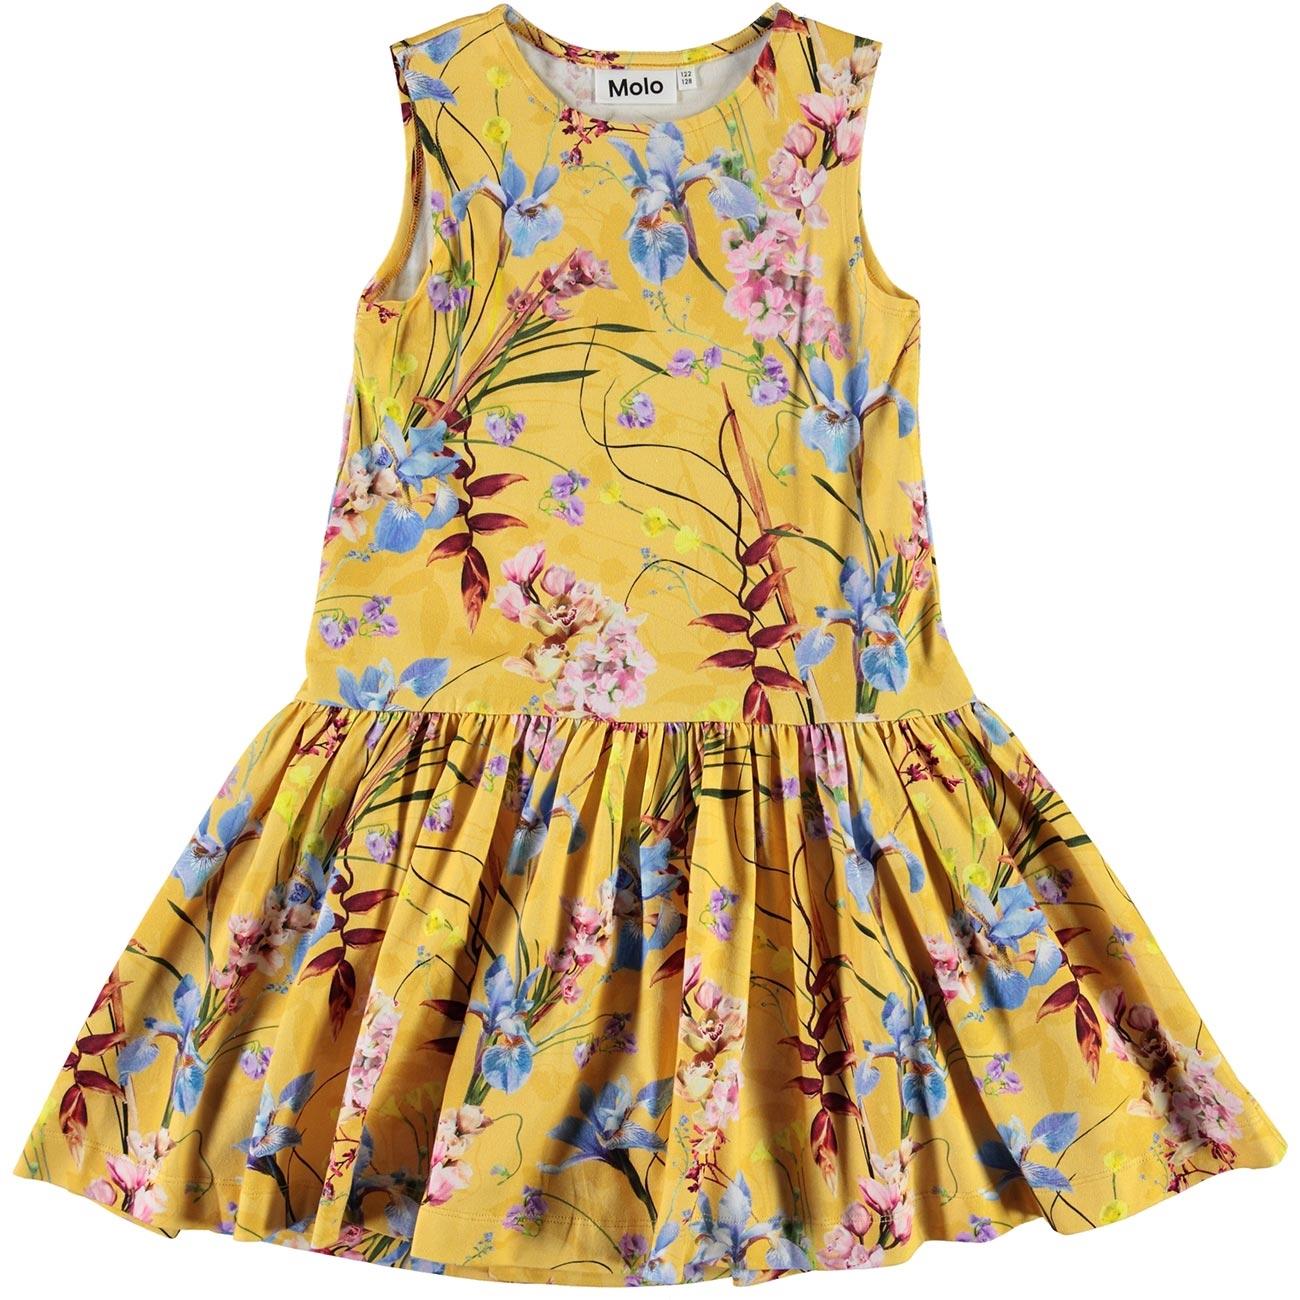 molo uv dress